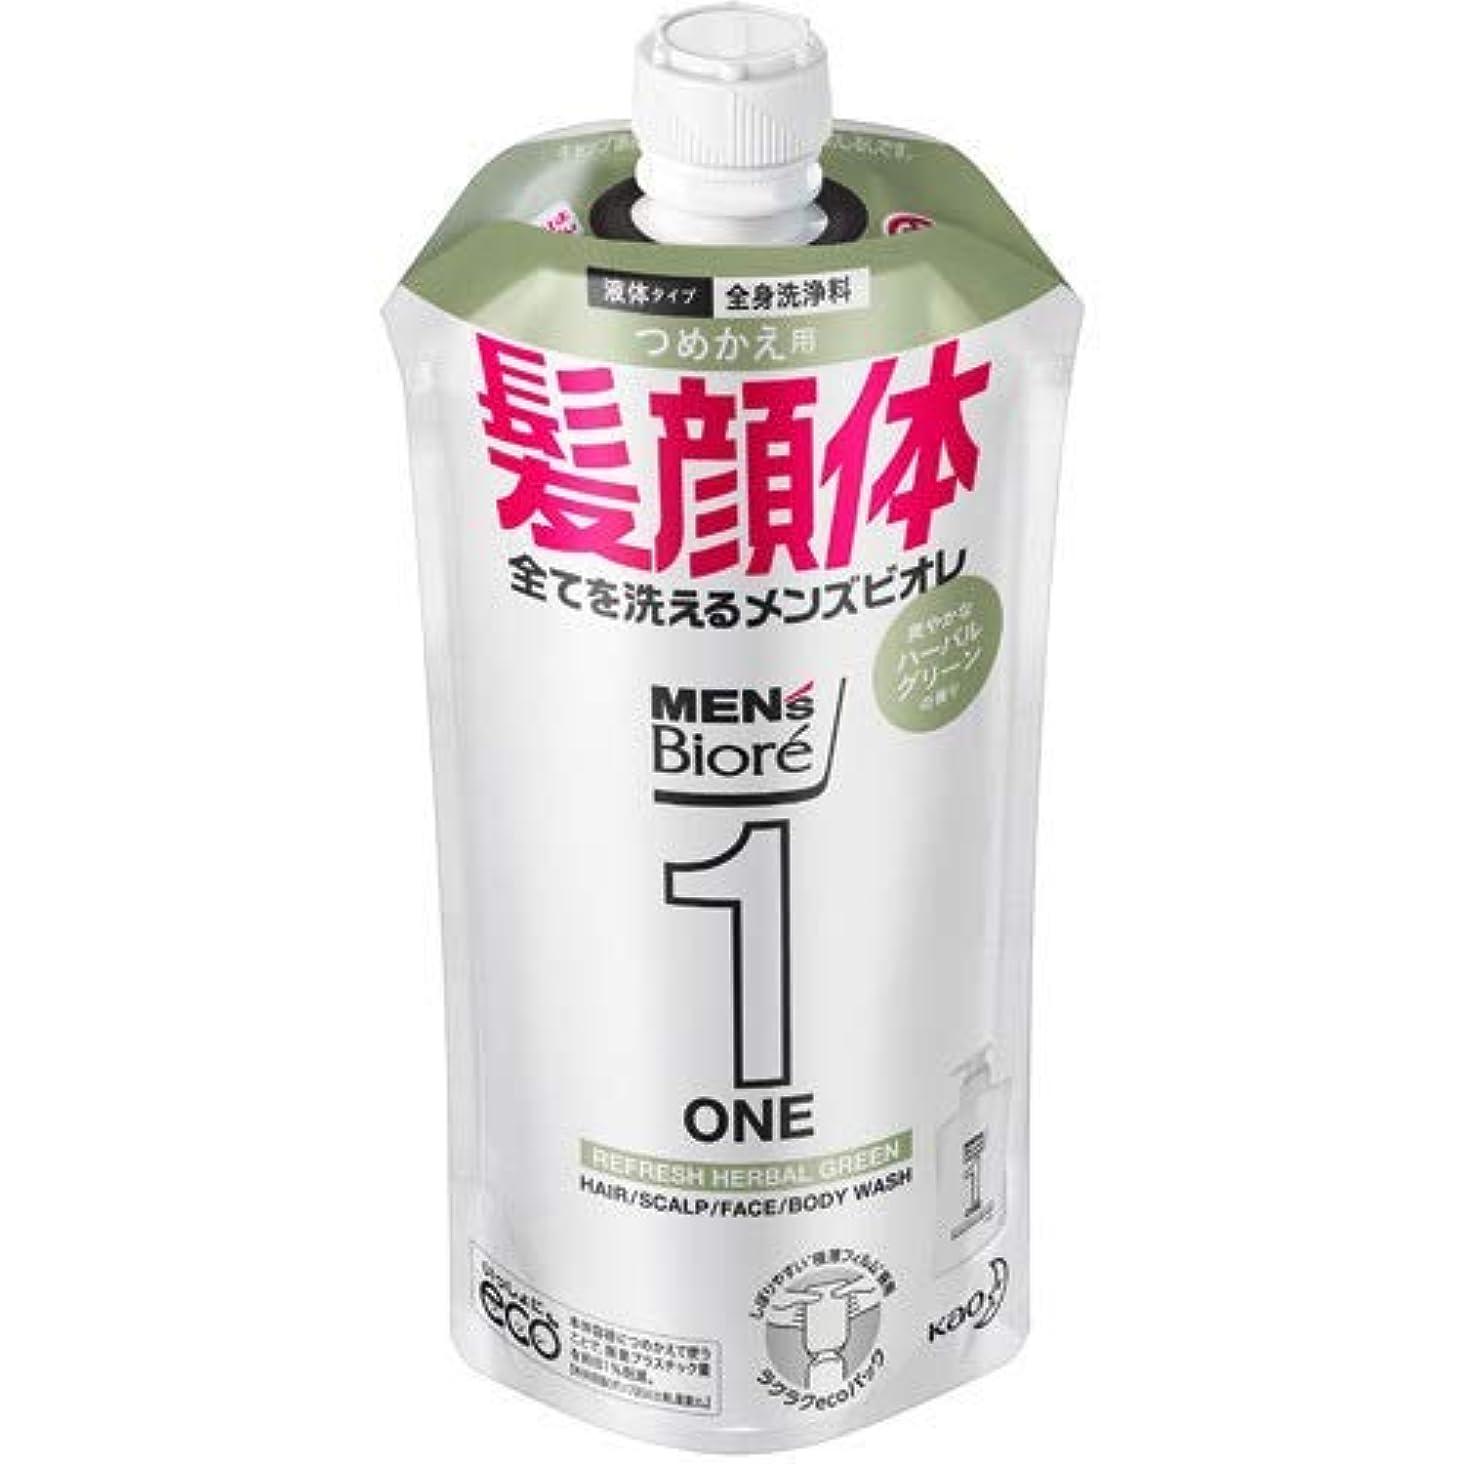 決して予想外リーガン【10個セット】メンズビオレONE オールインワン全身洗浄料 爽やかなハーブルグリーンの香り つめかえ用 340mL